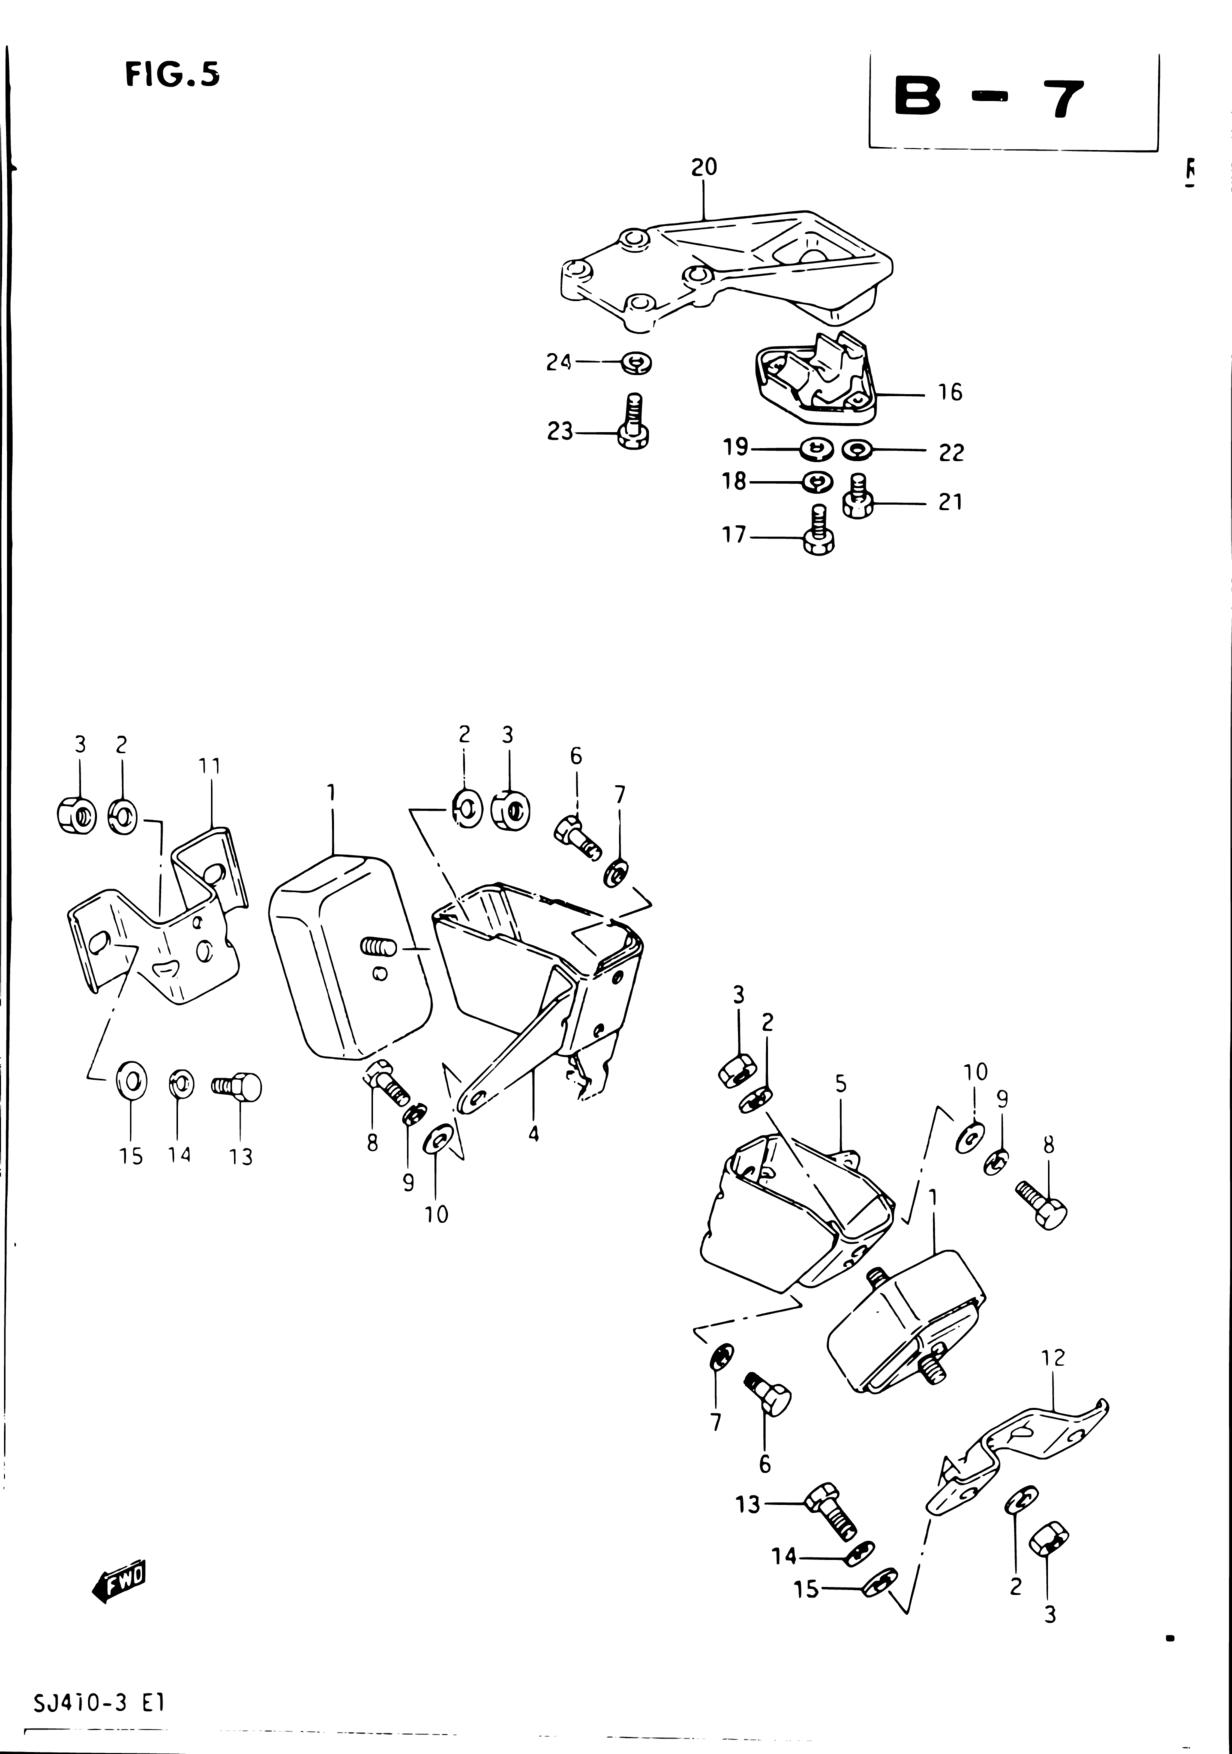 Middle East Samurai Sj Sj410q 3 E01 Engine 5 Cat 236 Diagram Parts